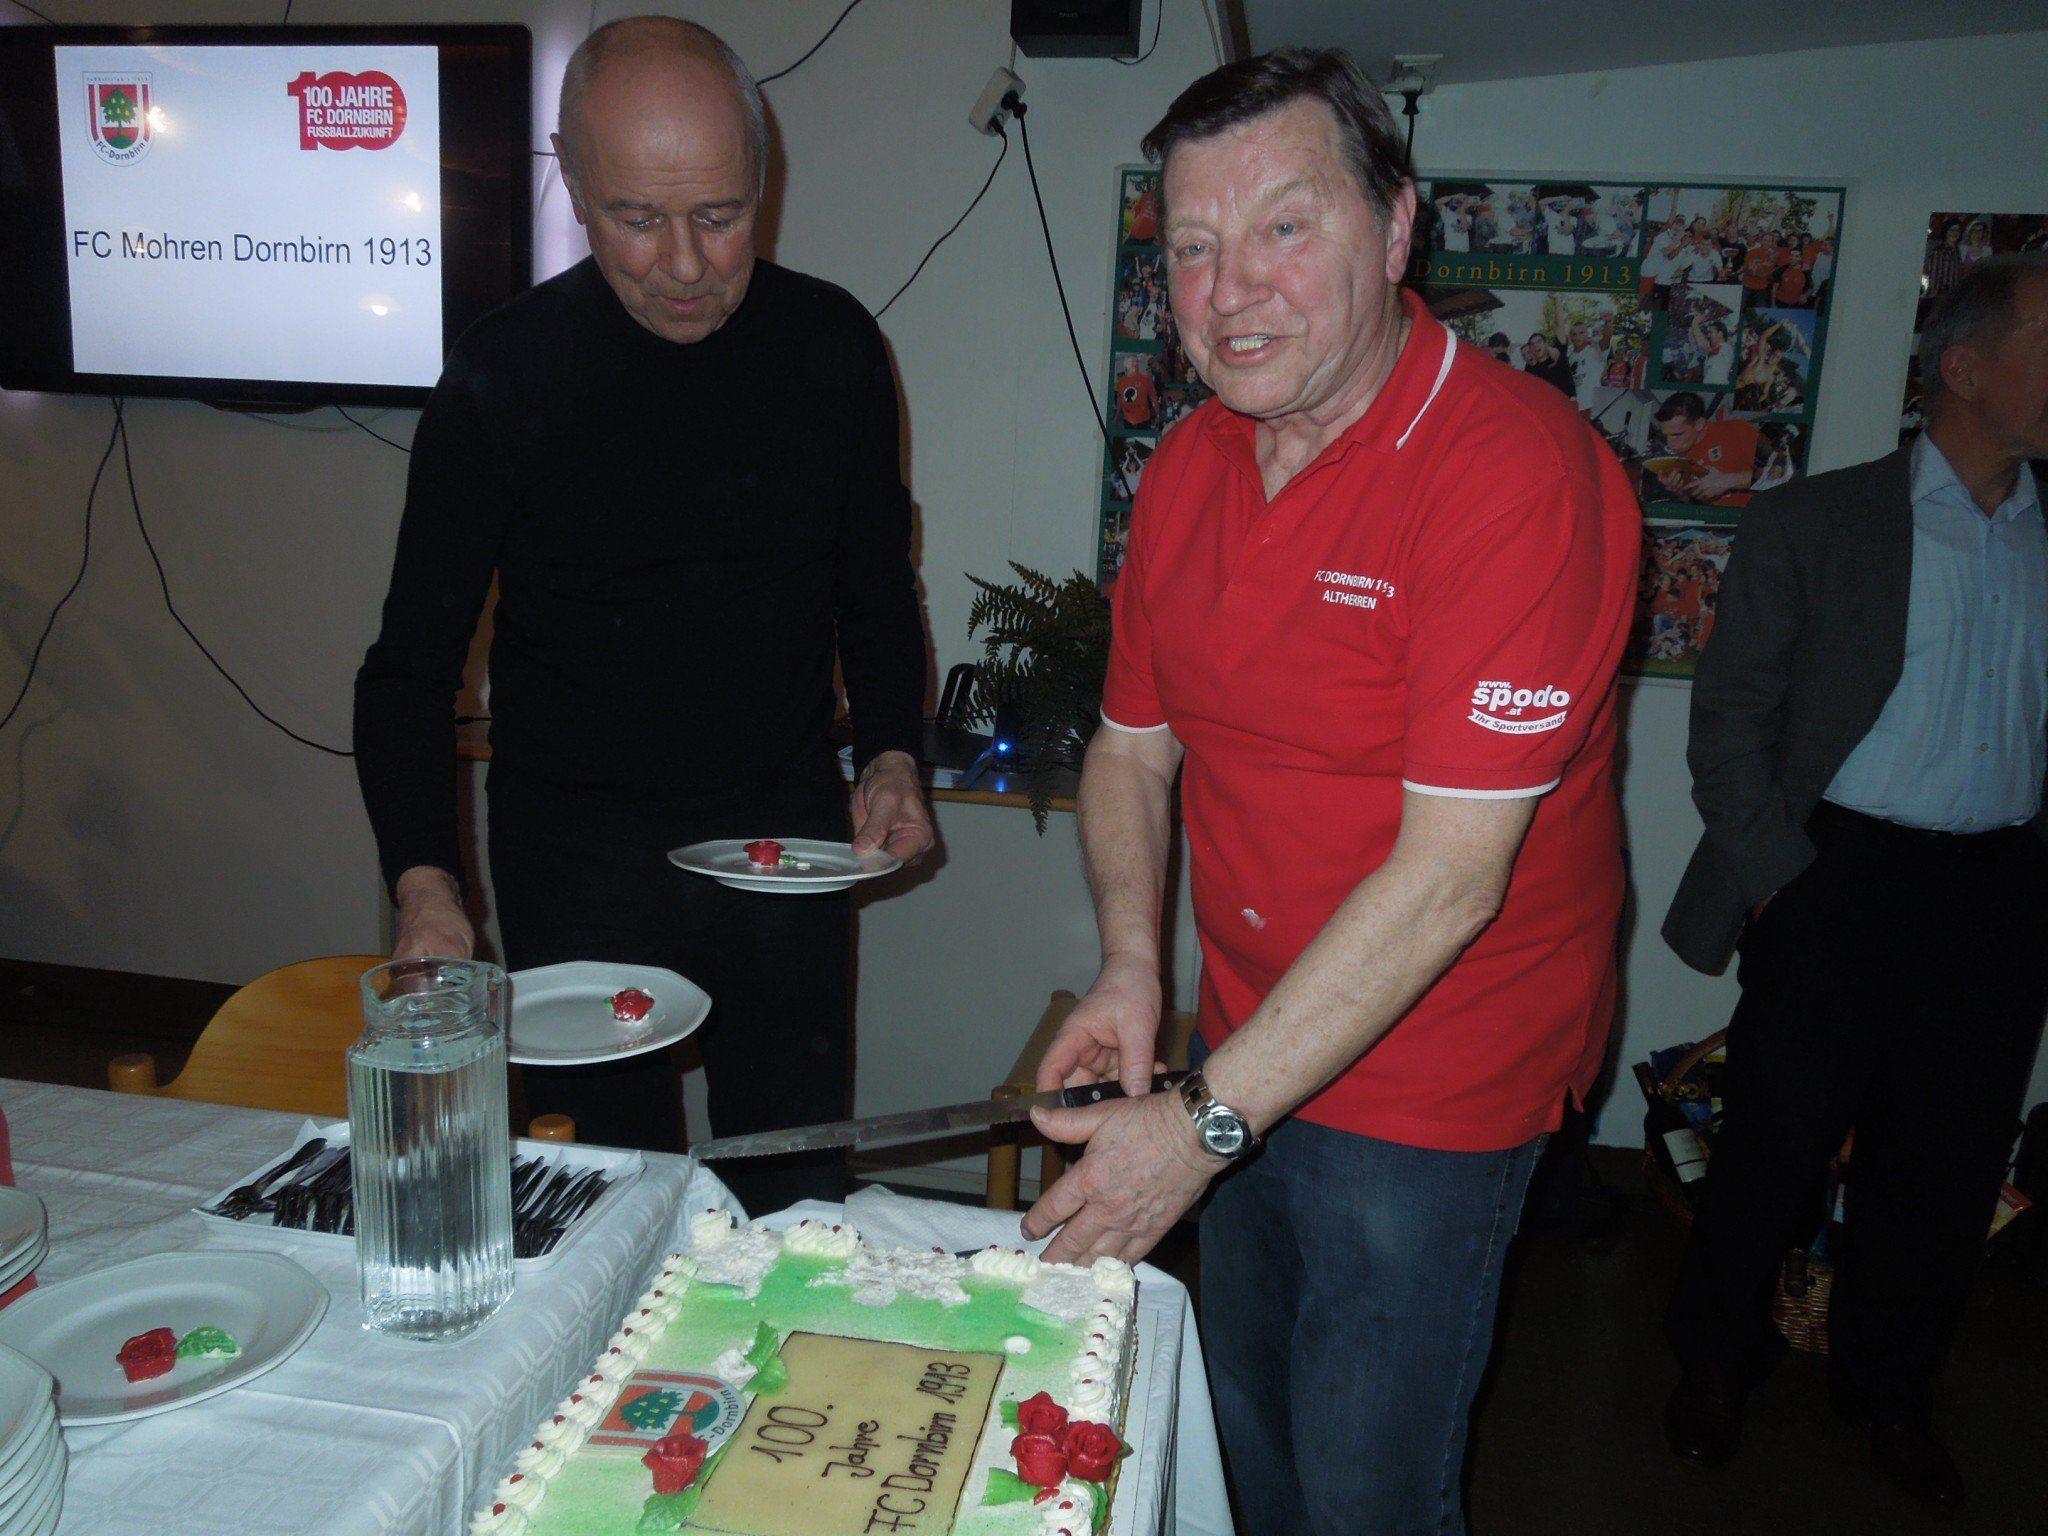 Es ist angerichtet: Der FC Dornbirn ist ein Jahrhundert alt!